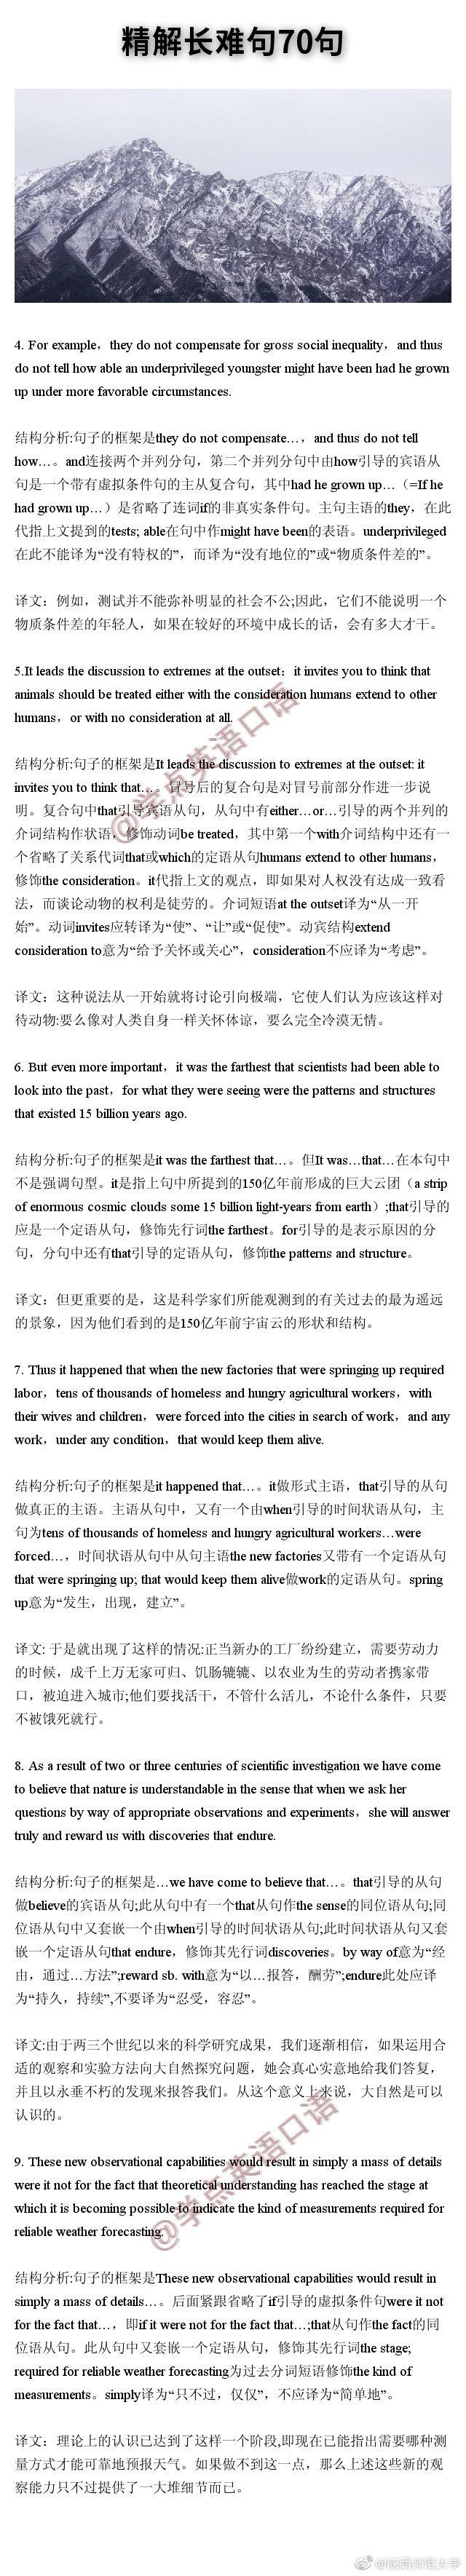 精解英语长难句70句!手把手教你分析句子,都仔细过一遍